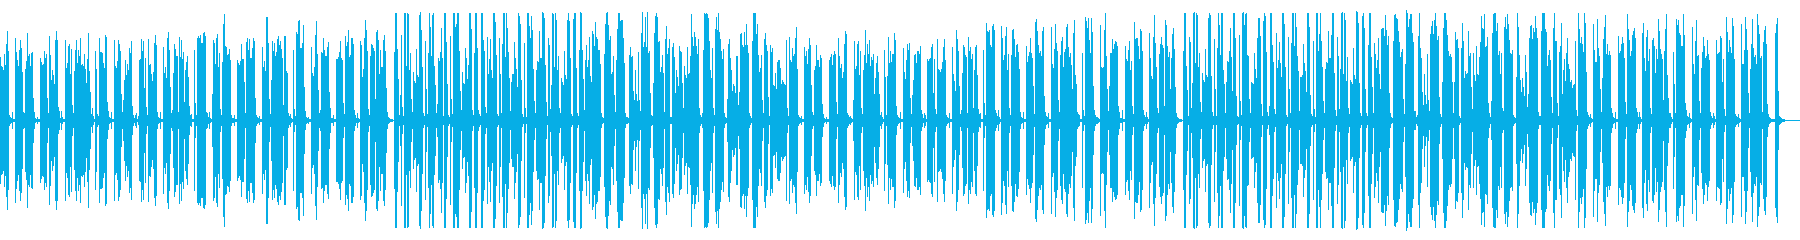 ほのぼのとしたアコーディオンBGMの再生済みの波形